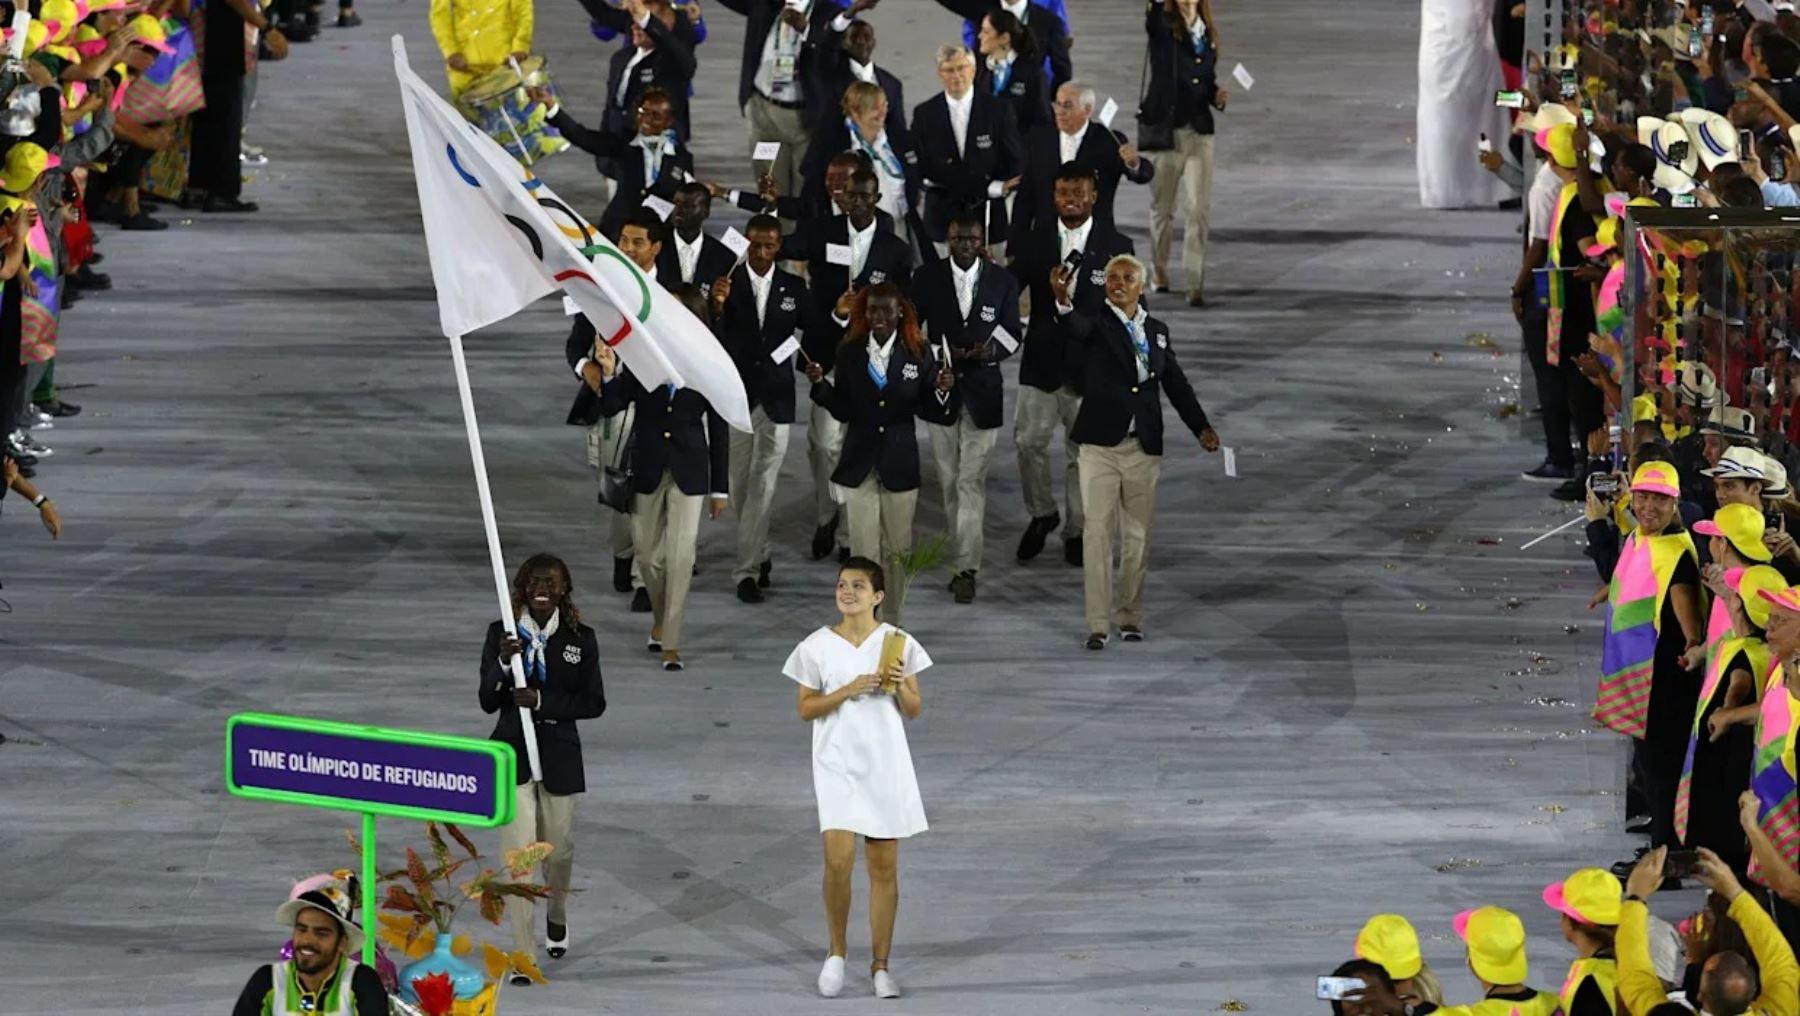 """Equipo Olímpico de Refugiados, una \""""fuente de inspiración\"""" en los juegos de Tokio"""